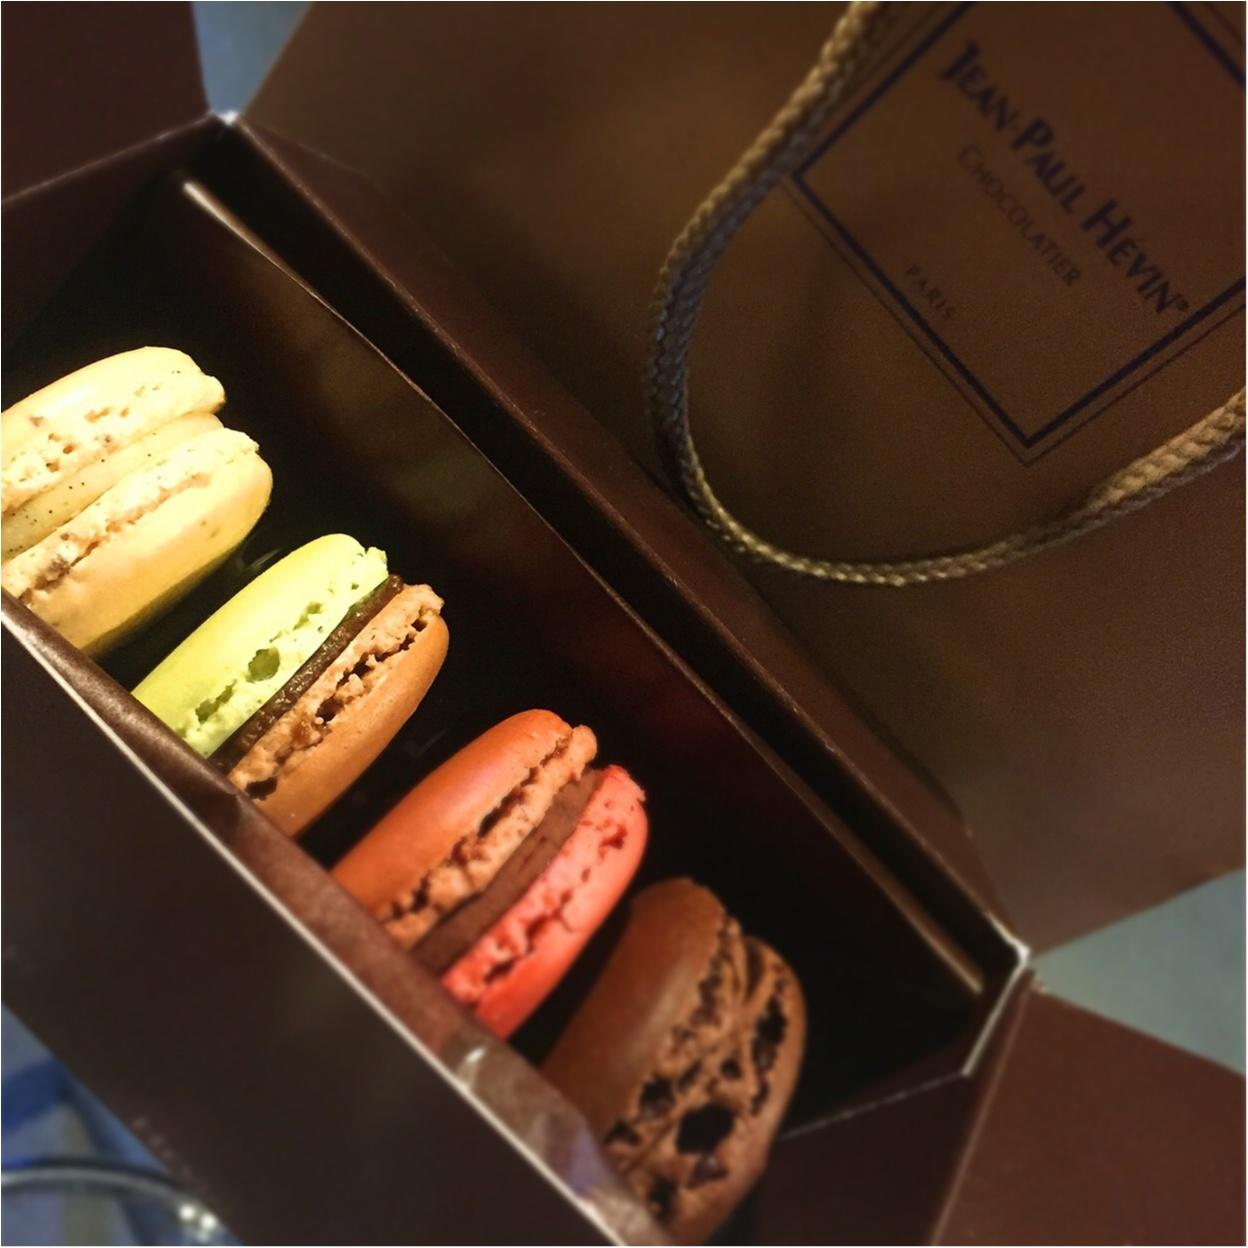 お菓子にはそれぞれ意味がある?【特別な人】にあげるなら✨もらって嬉しい《*マカロン5選*》★☆_5